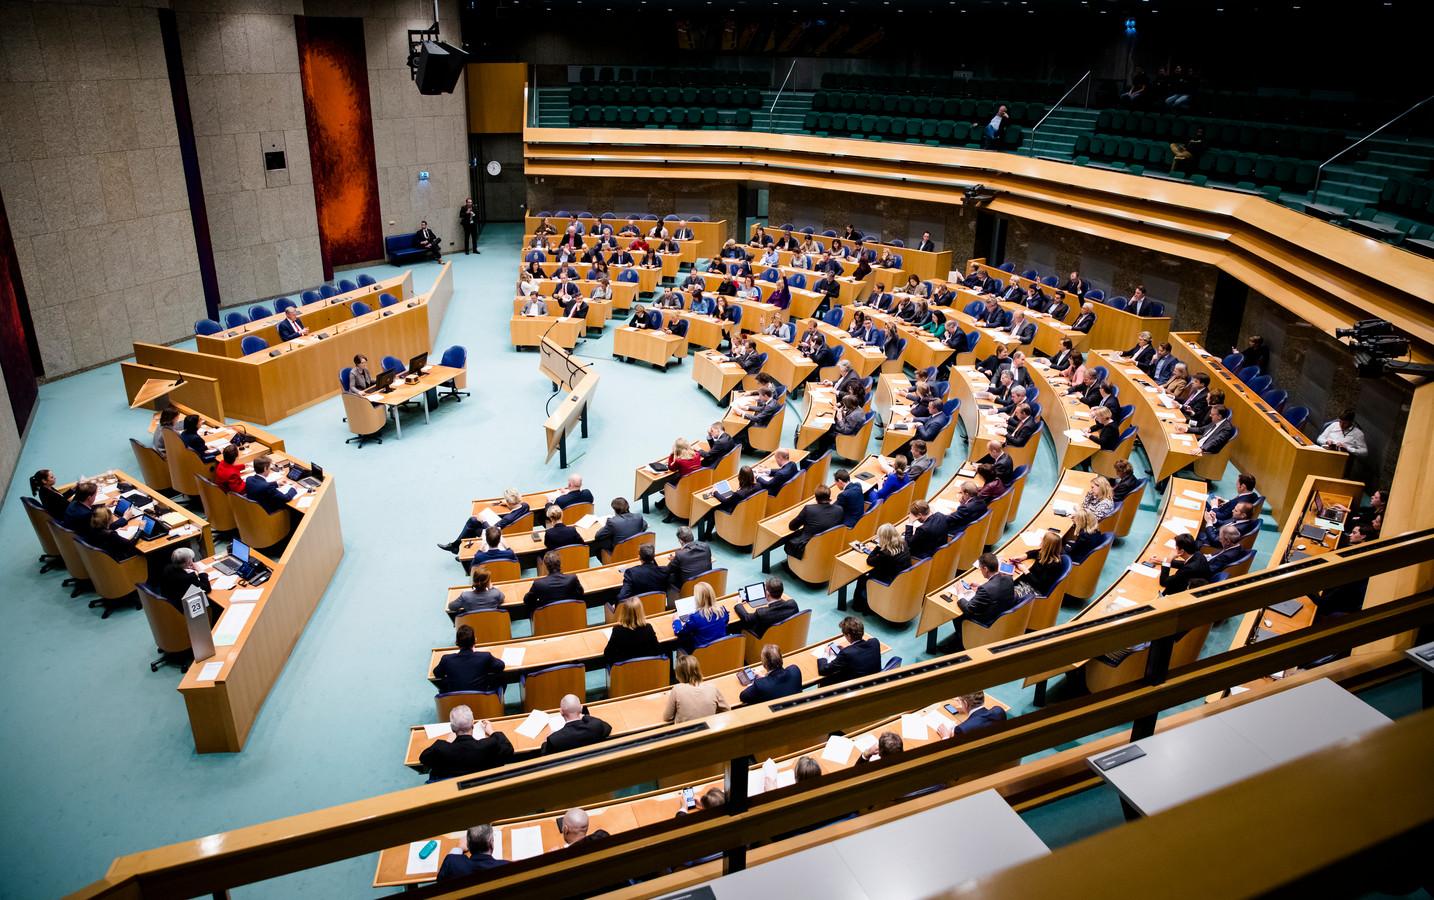 Een overzicht van de plenaire zaal van de Tweede Kamer tijdens de stemmingen